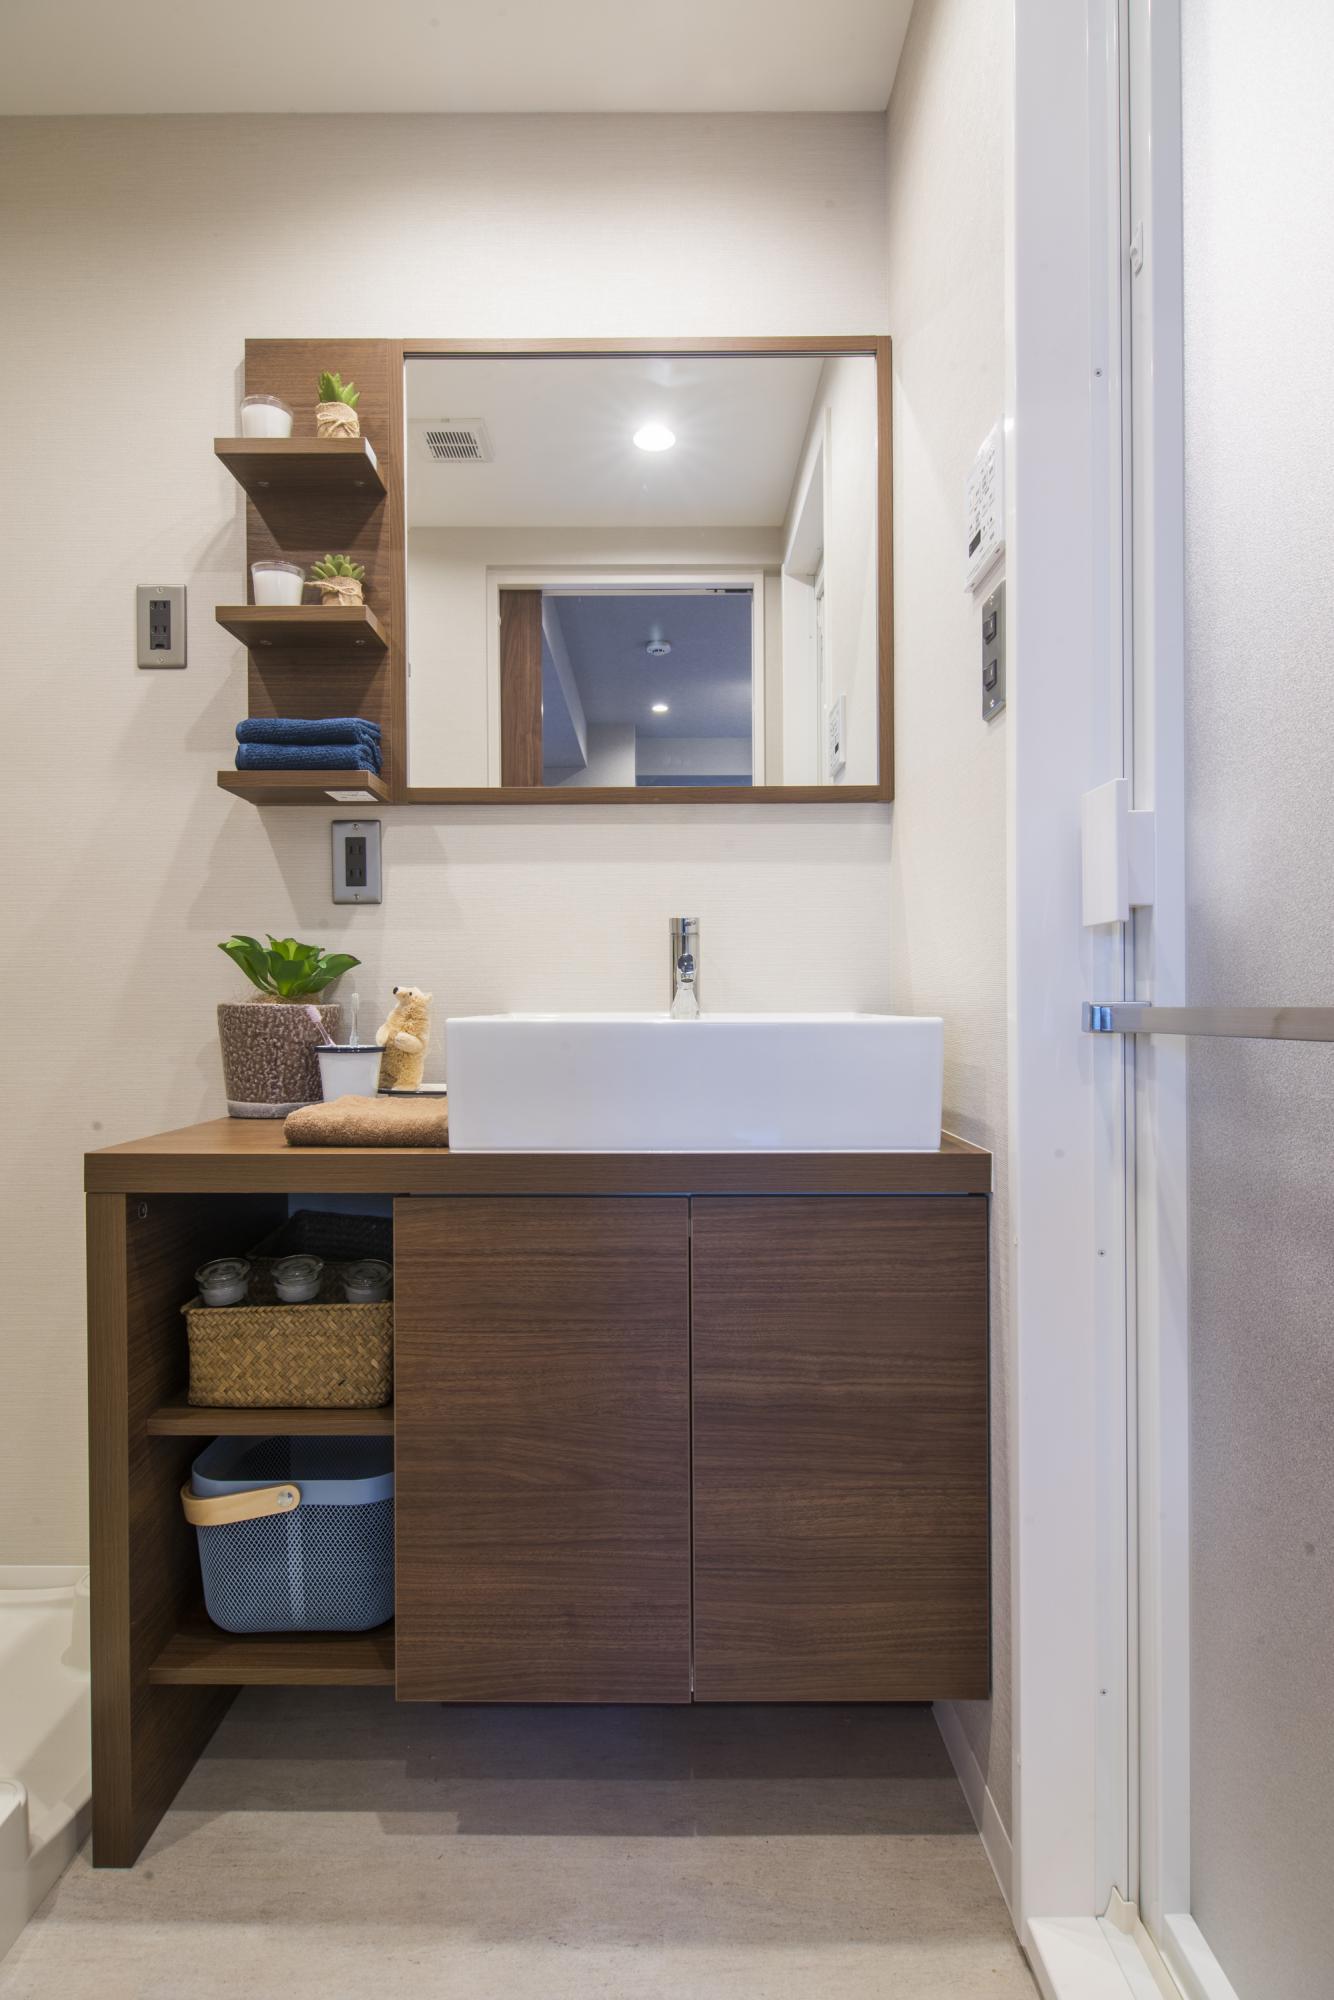 洗面室は落ち着く木彫ブラウンを採用